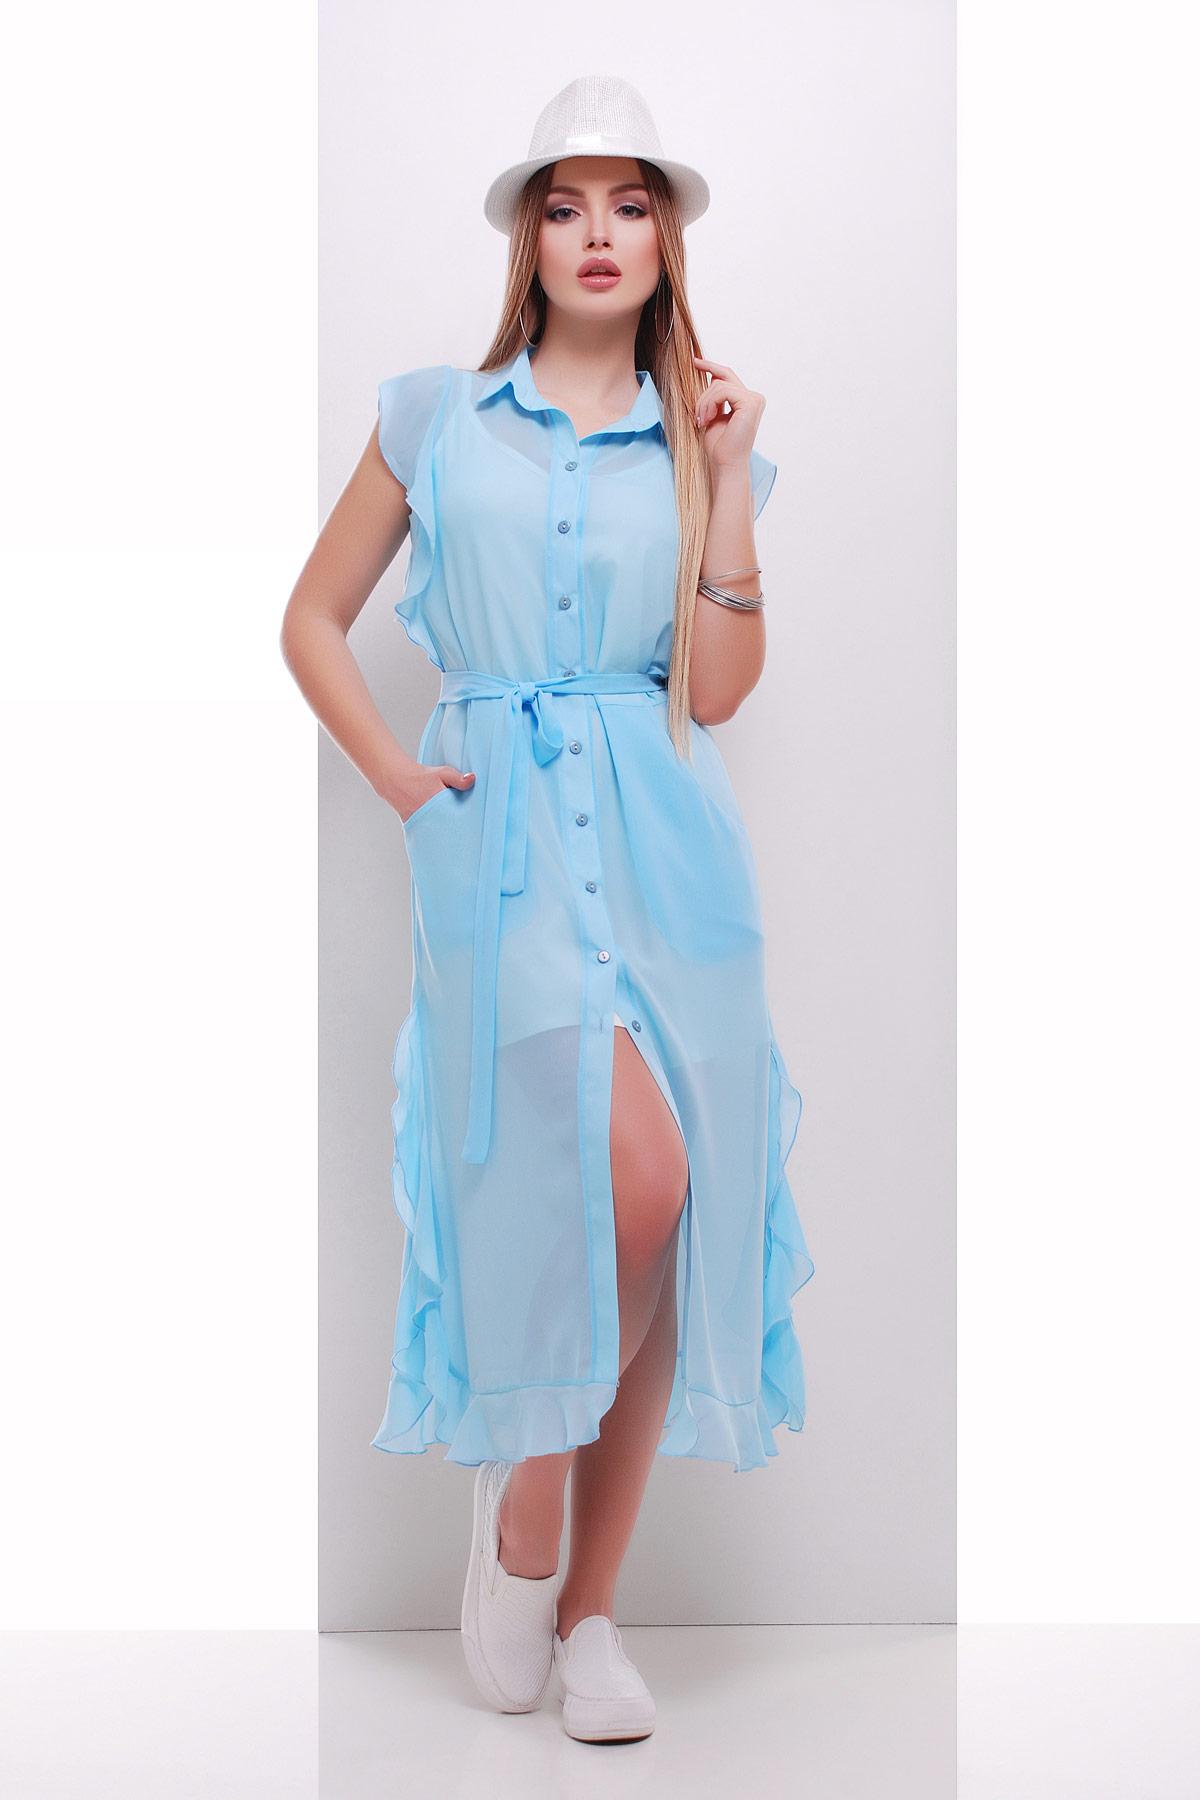 b734e79d3d0 голубое платье из шифона. платье-накидка Сан-Вита б р. Цвет